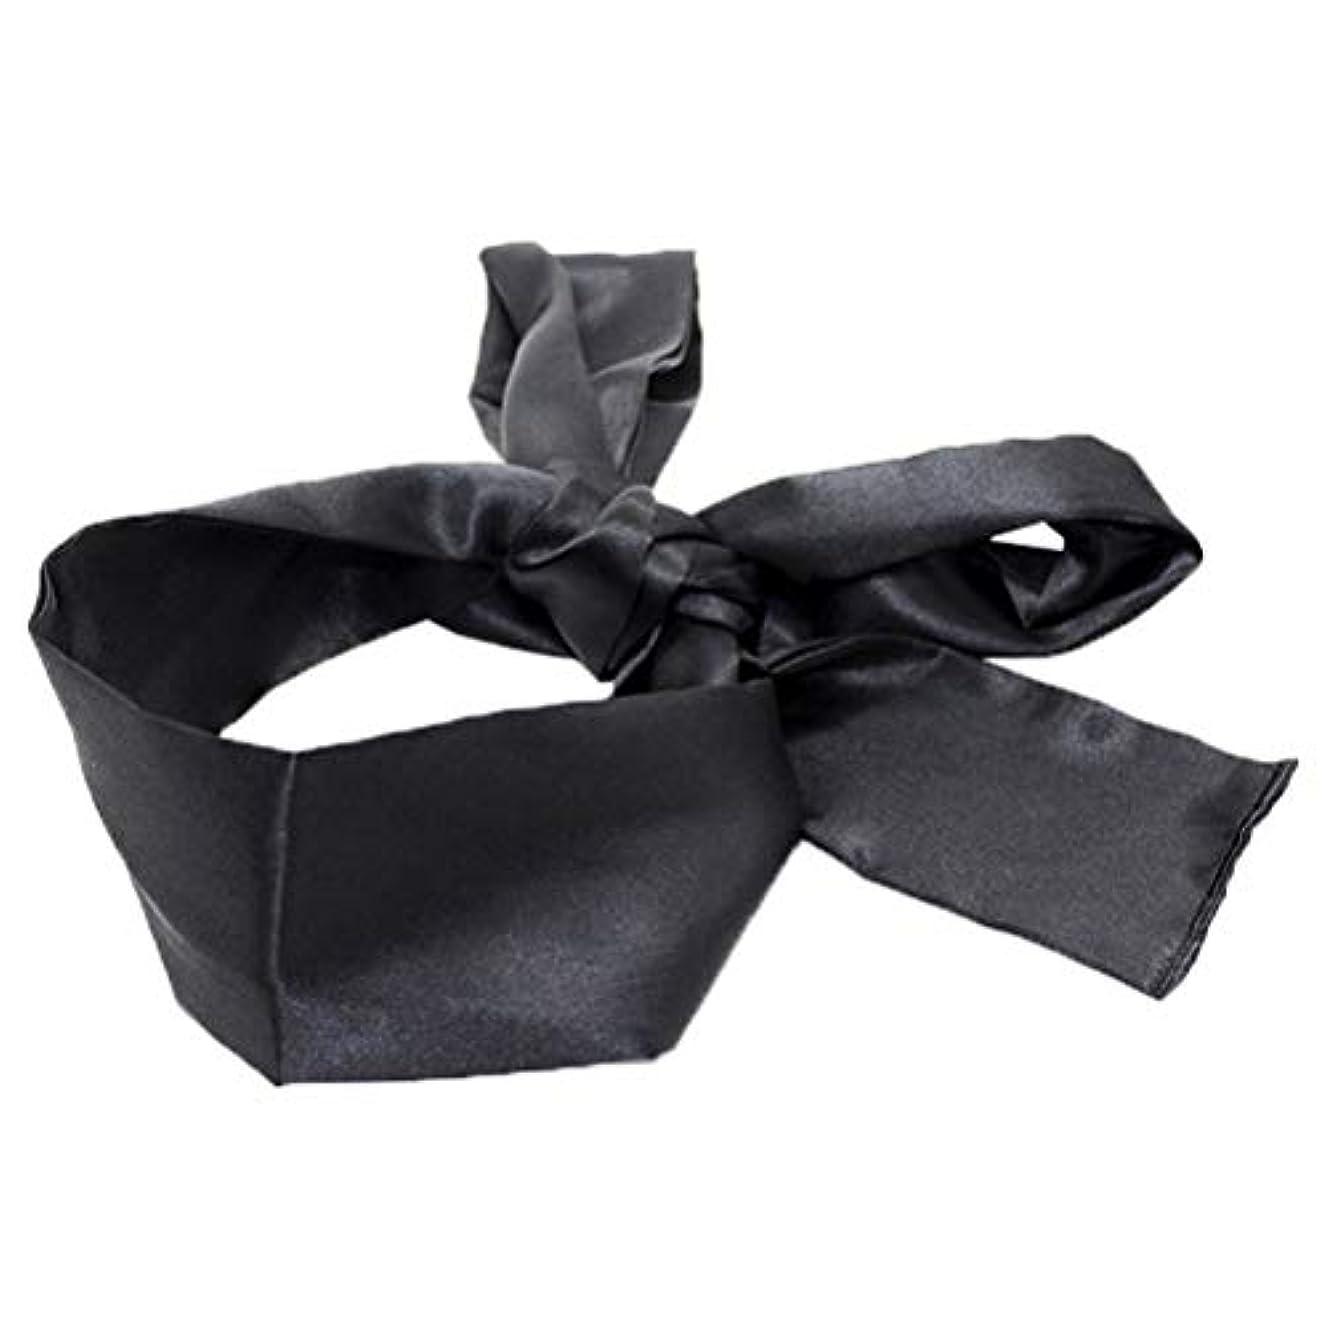 激怒昇る知的HEALIFTY 睡眠マスクホームトラベルコスチューム小道具(ブラック)用サテン目隠しソフト快適なアイマスクバンドブラインダー